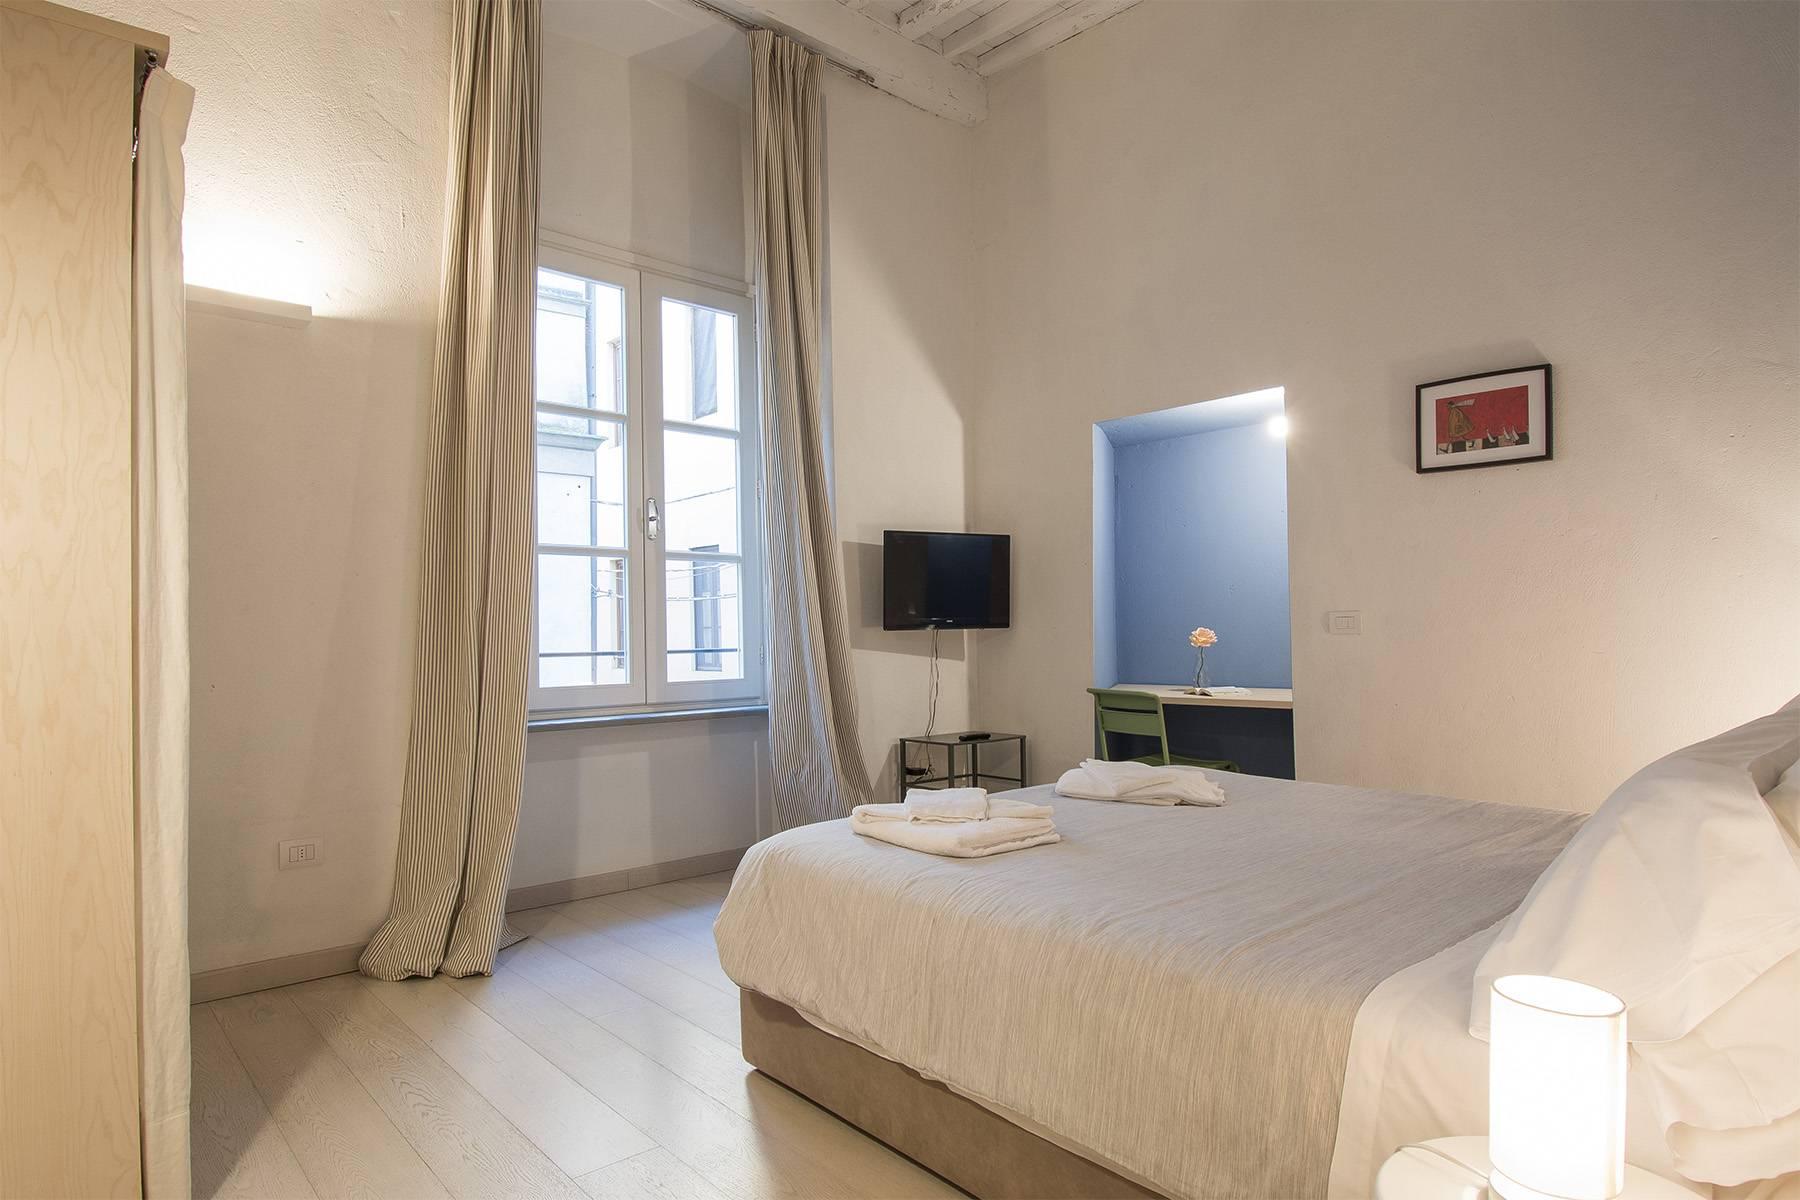 Appartamento in Vendita a Lucca: 3 locali, 105 mq - Foto 24